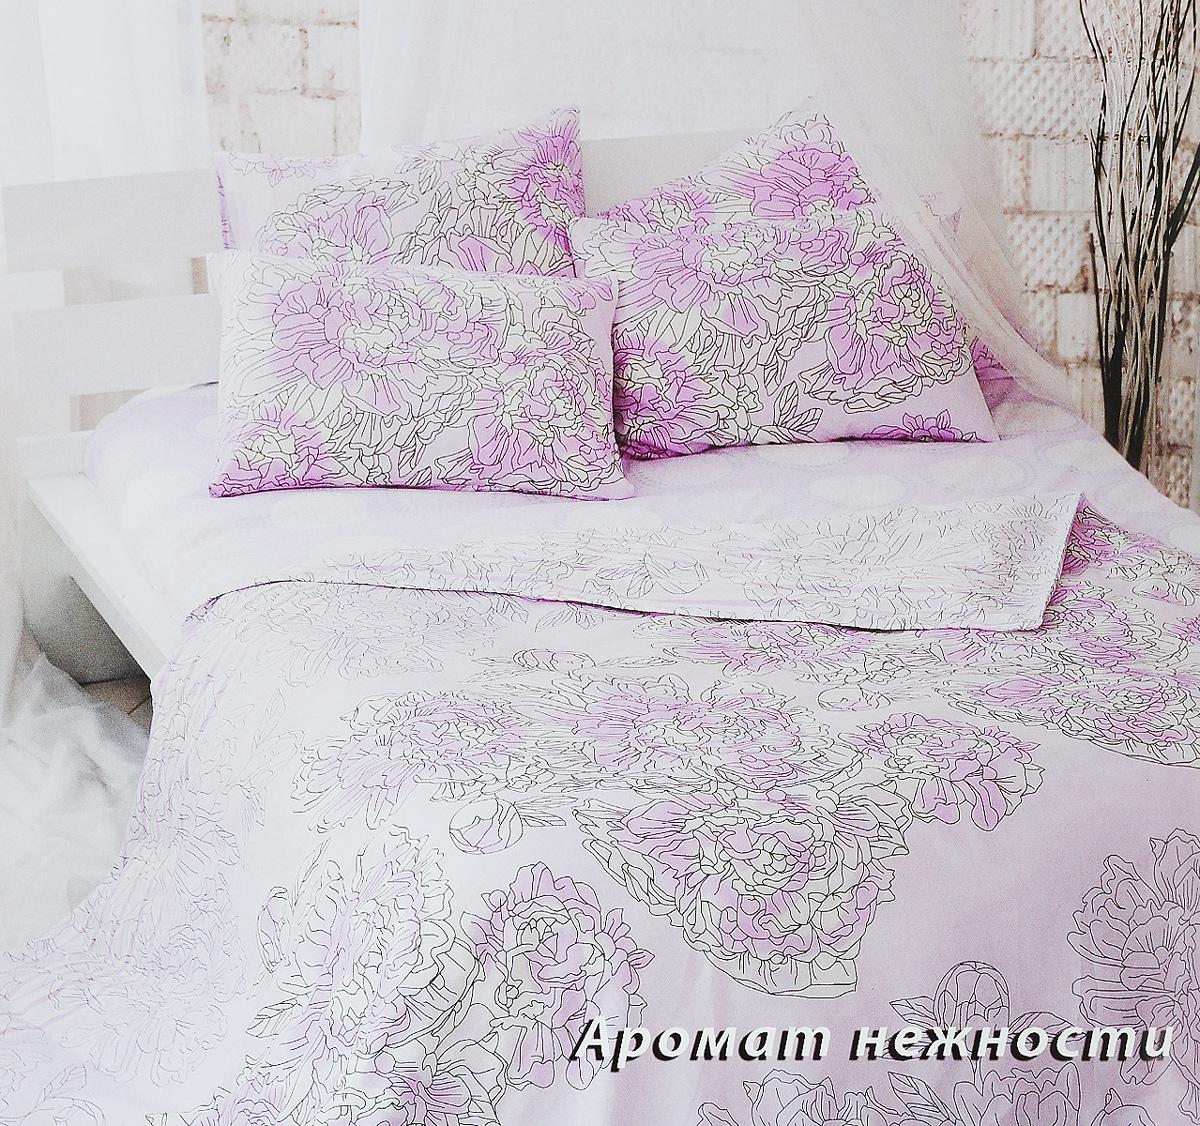 Комплект белья Tiffanys Secret Аромат нежности, 1,5-спальный, наволочки 50х70, цвет: розовый, белый, серый391602Комплект постельного белья Tiffanys Secret Аромат нежности является экологически безопасным для всей семьи, так как выполнен из сатина (100% хлопок). Комплект состоит из пододеяльника, простыни и двух наволочек. Предметы комплекта оформлены оригинальным рисунком.Благодаря такому комплекту постельного белья вы сможете создать атмосферу уюта и комфорта в вашей спальне.Сатин - это ткань, навсегда покорившая сердца человечества. Ценившие роскошь персы называли ее атлас, а искушенные в прекрасном французы - сатин. Секрет высококачественного сатина в безупречности всего технологического процесса. Эту благородную ткань делают только из отборной натуральной пряжи, которую получают из самого лучшего тонковолокнистого хлопка. Благодаря использованию самой тонкой хлопковой нити получается необычайно мягкое и нежное полотно. Сатиновое постельное белье превращает жаркие летние ночи в прохладные и освежающие, а холодные зимние - в теплые и согревающие. Сатин очень приятен на ощупь, постельное белье из него долговечно, выдерживает более 300 стирок, и лишь спустя долгое время материал начинает немного тускнеть. Оцените все достоинства постельного белья из сатина, выбирая самое лучшее для себя!